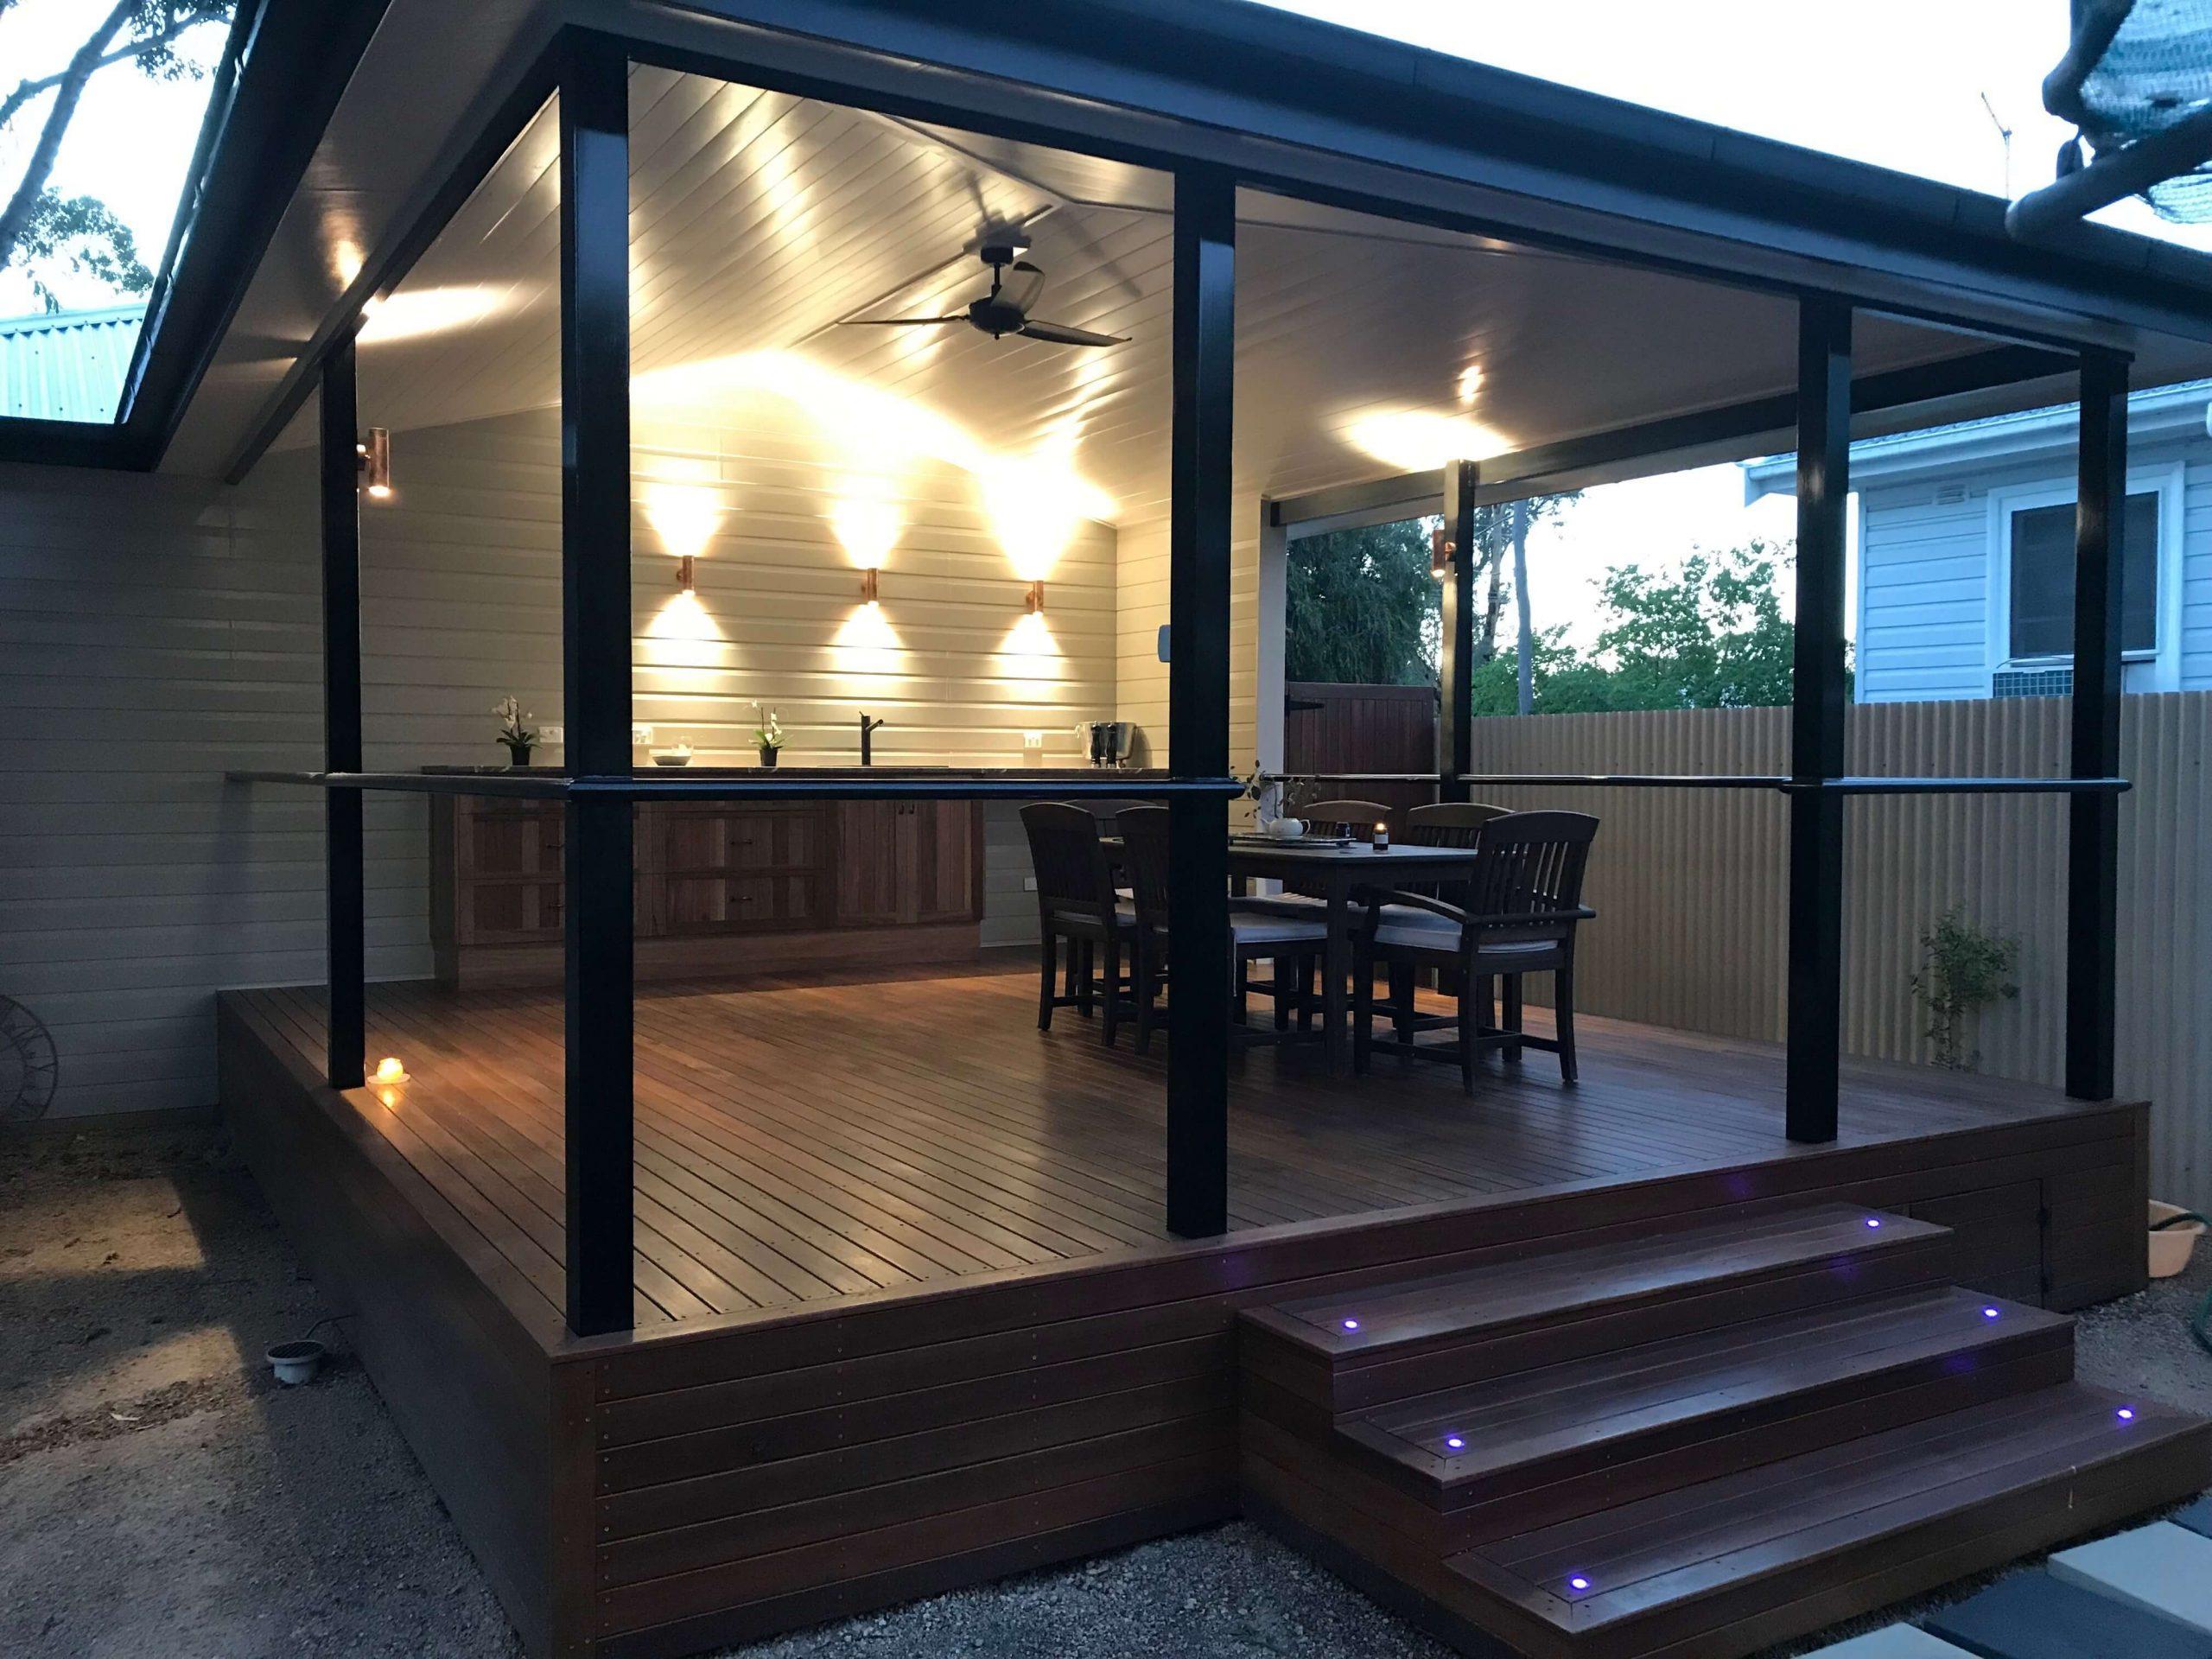 Toowoomba-builders-decks-pergolas-patios